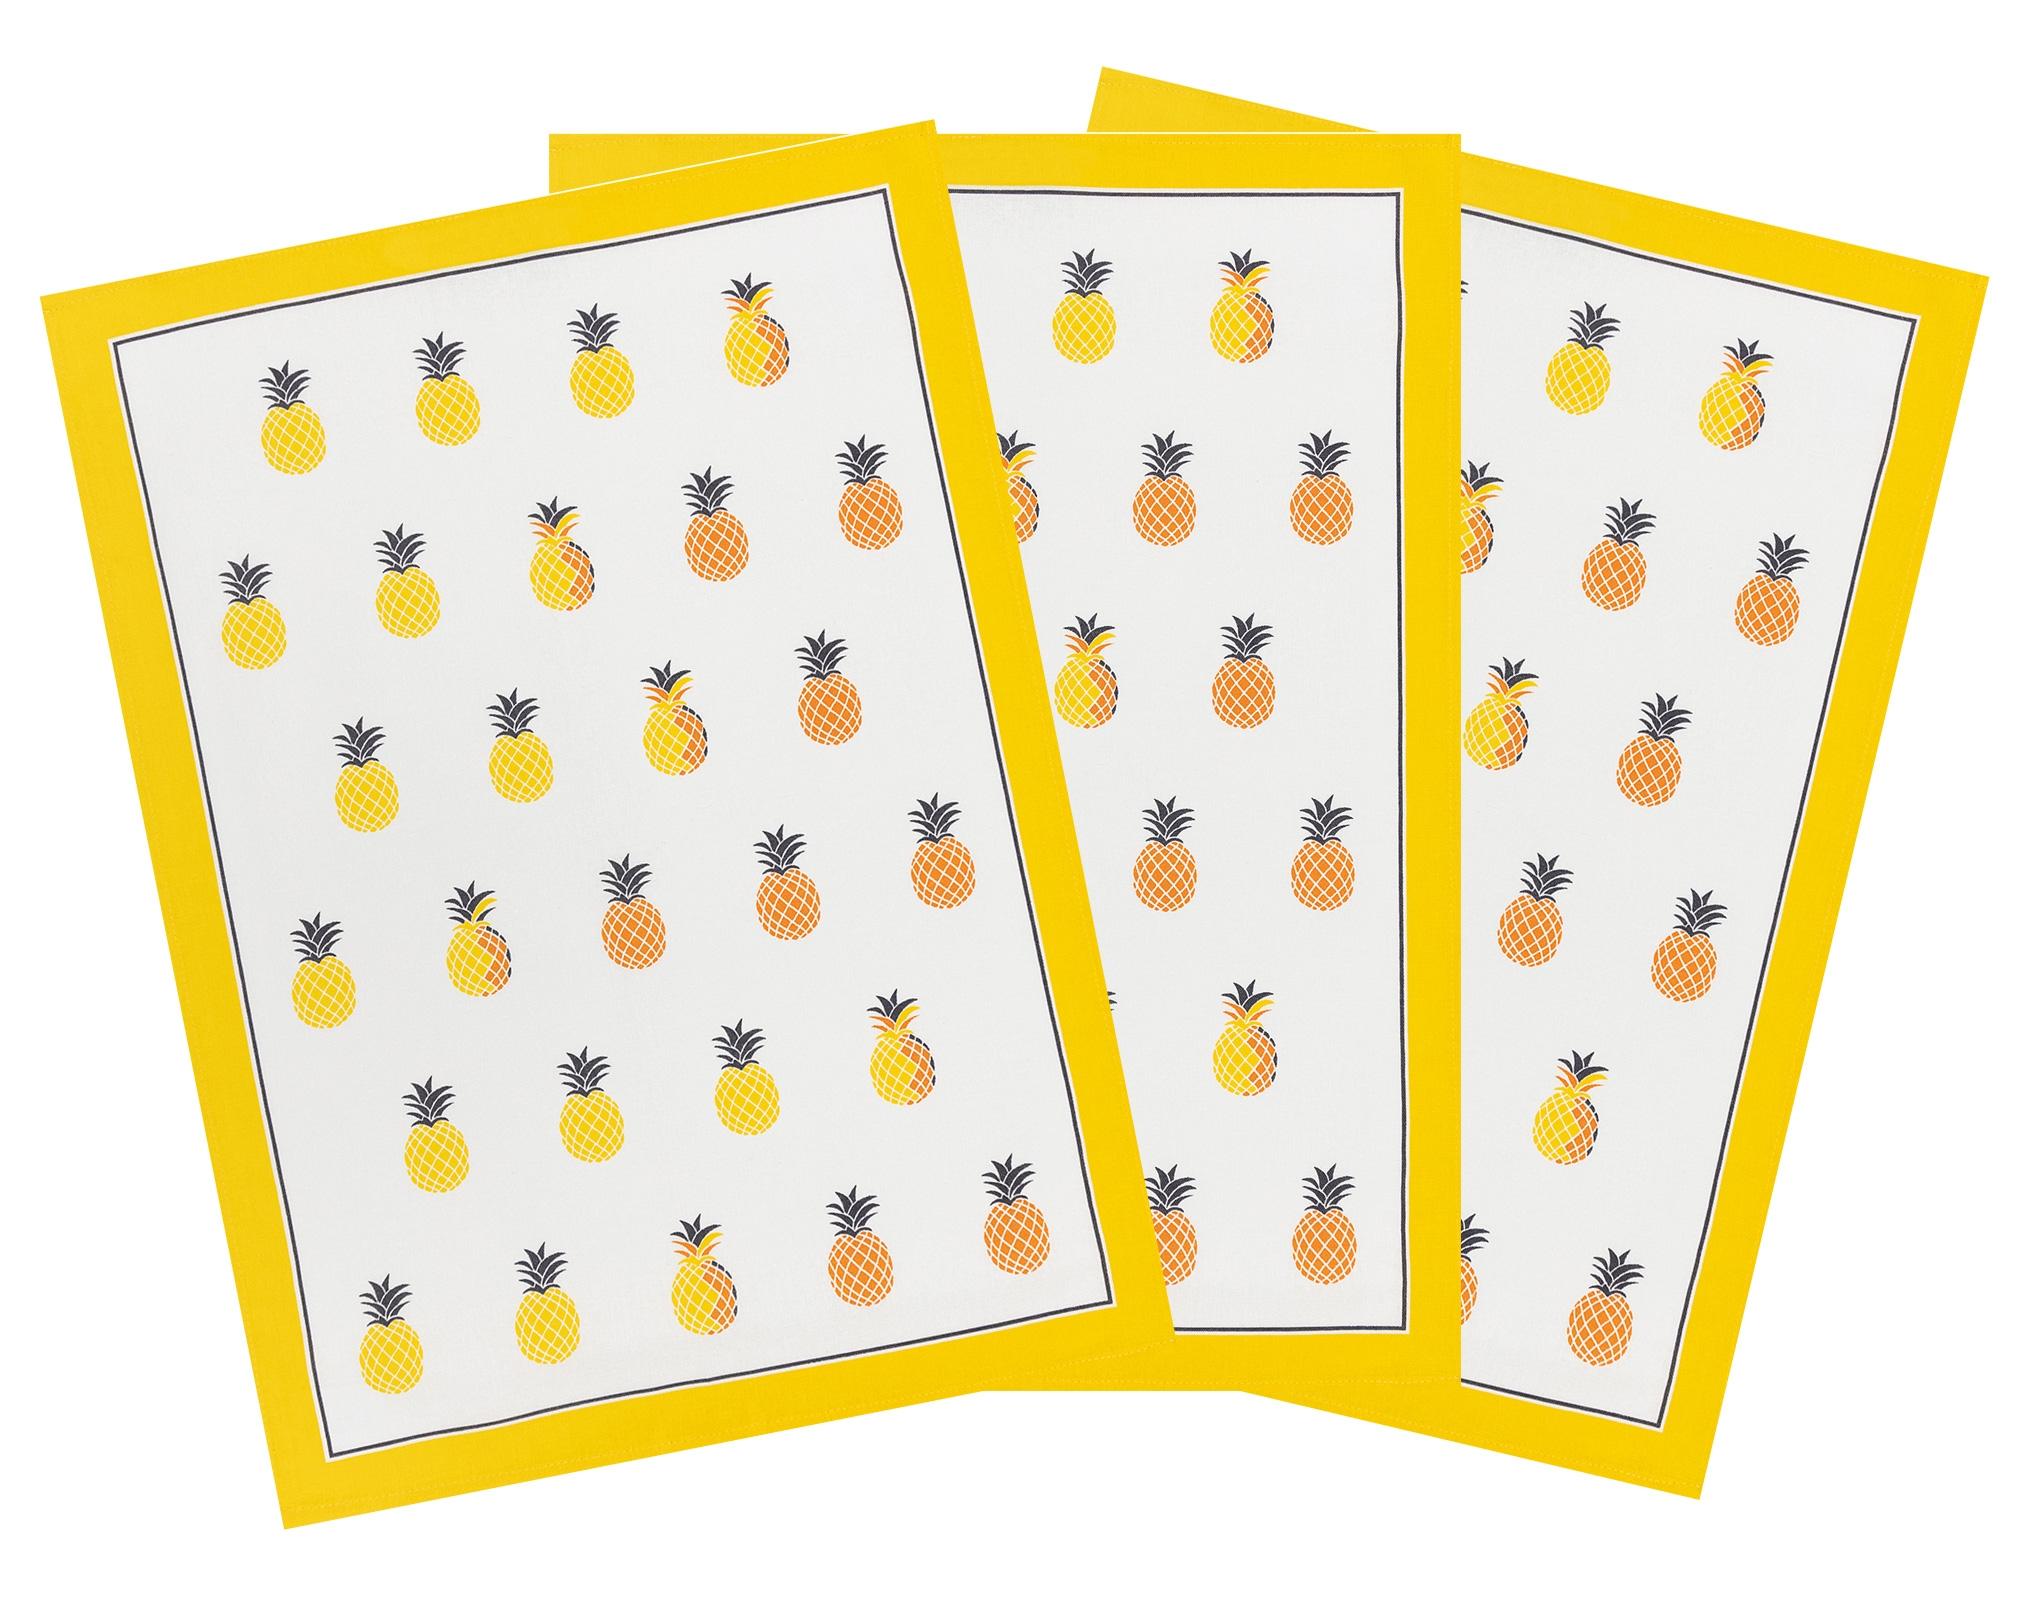 Küchentextilien - 3er Pack Kracht Halbleinen Geschirrtuch Ananas 50x70 cm  - Onlineshop PremiumShop321